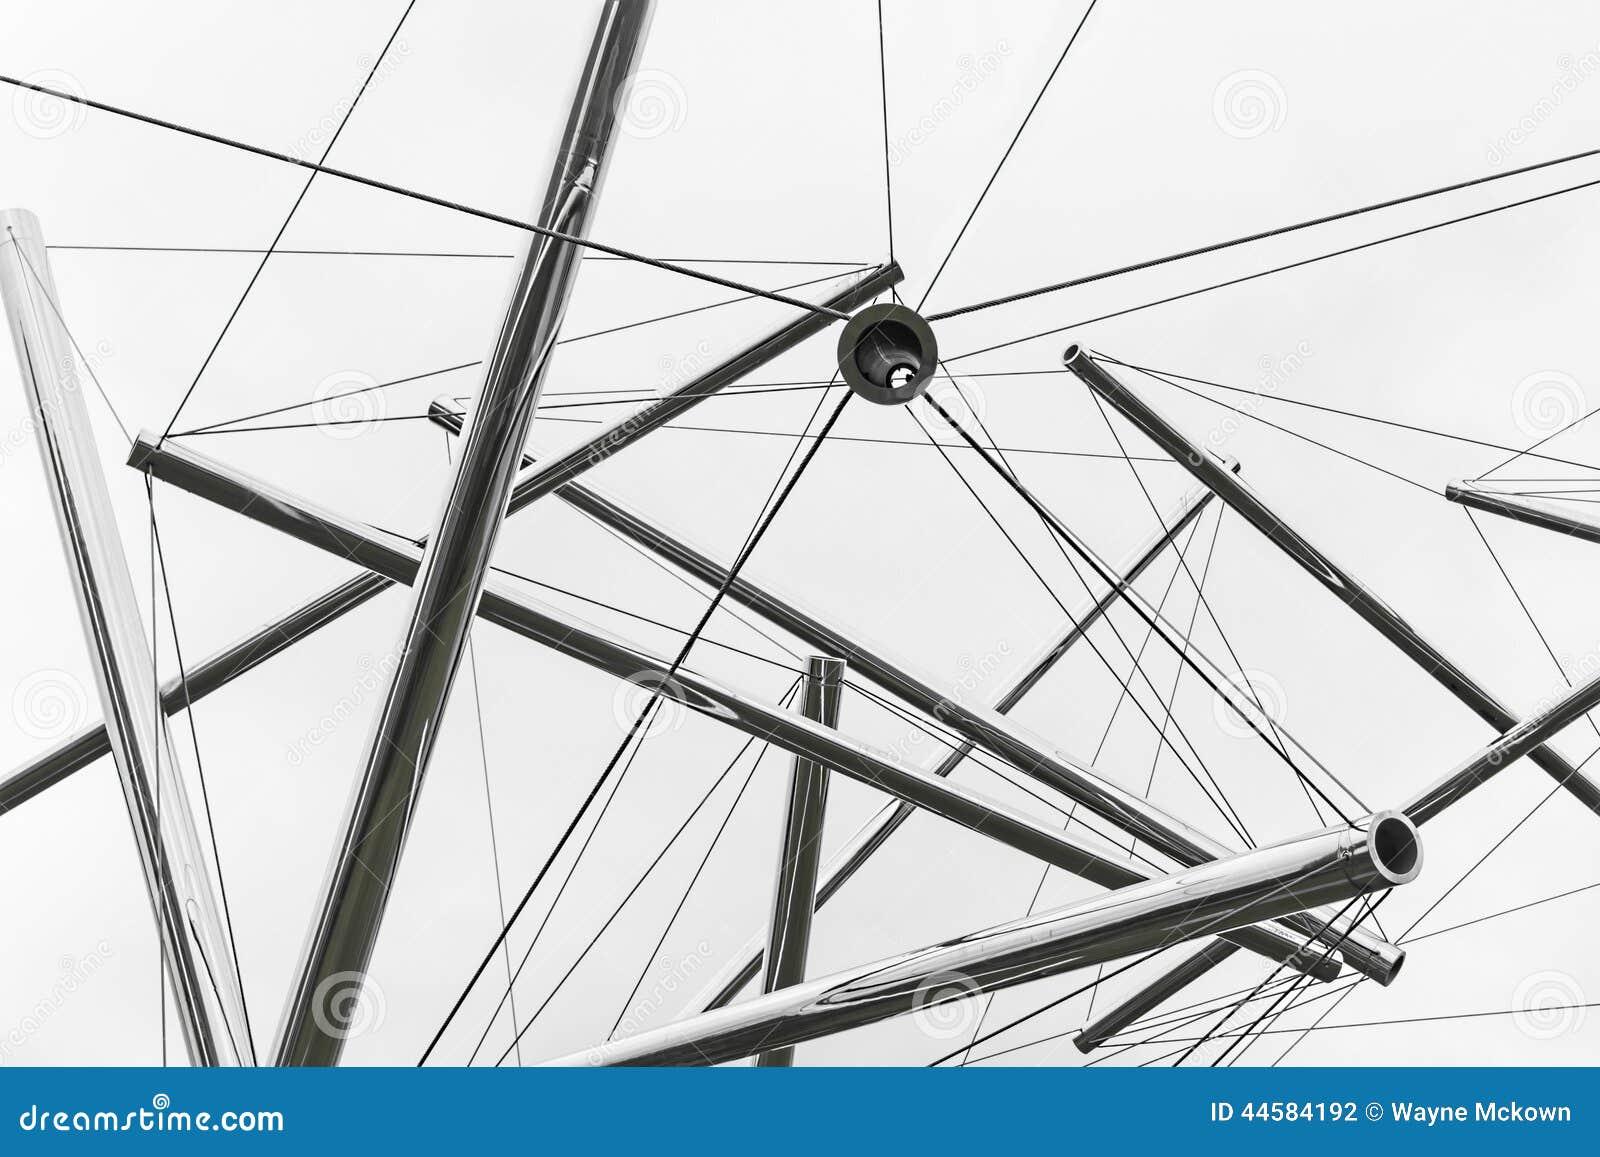 087e51d17a Ελεύθερο επιπλέον αφηρημένο σύγχρονο γλυπτό σωλήνων και καλωδίων ενάντια σε  έναν μπλε ουρανό - που βρίσκεται στη στο κέντρο της πόλης πόλη του Κάνσας